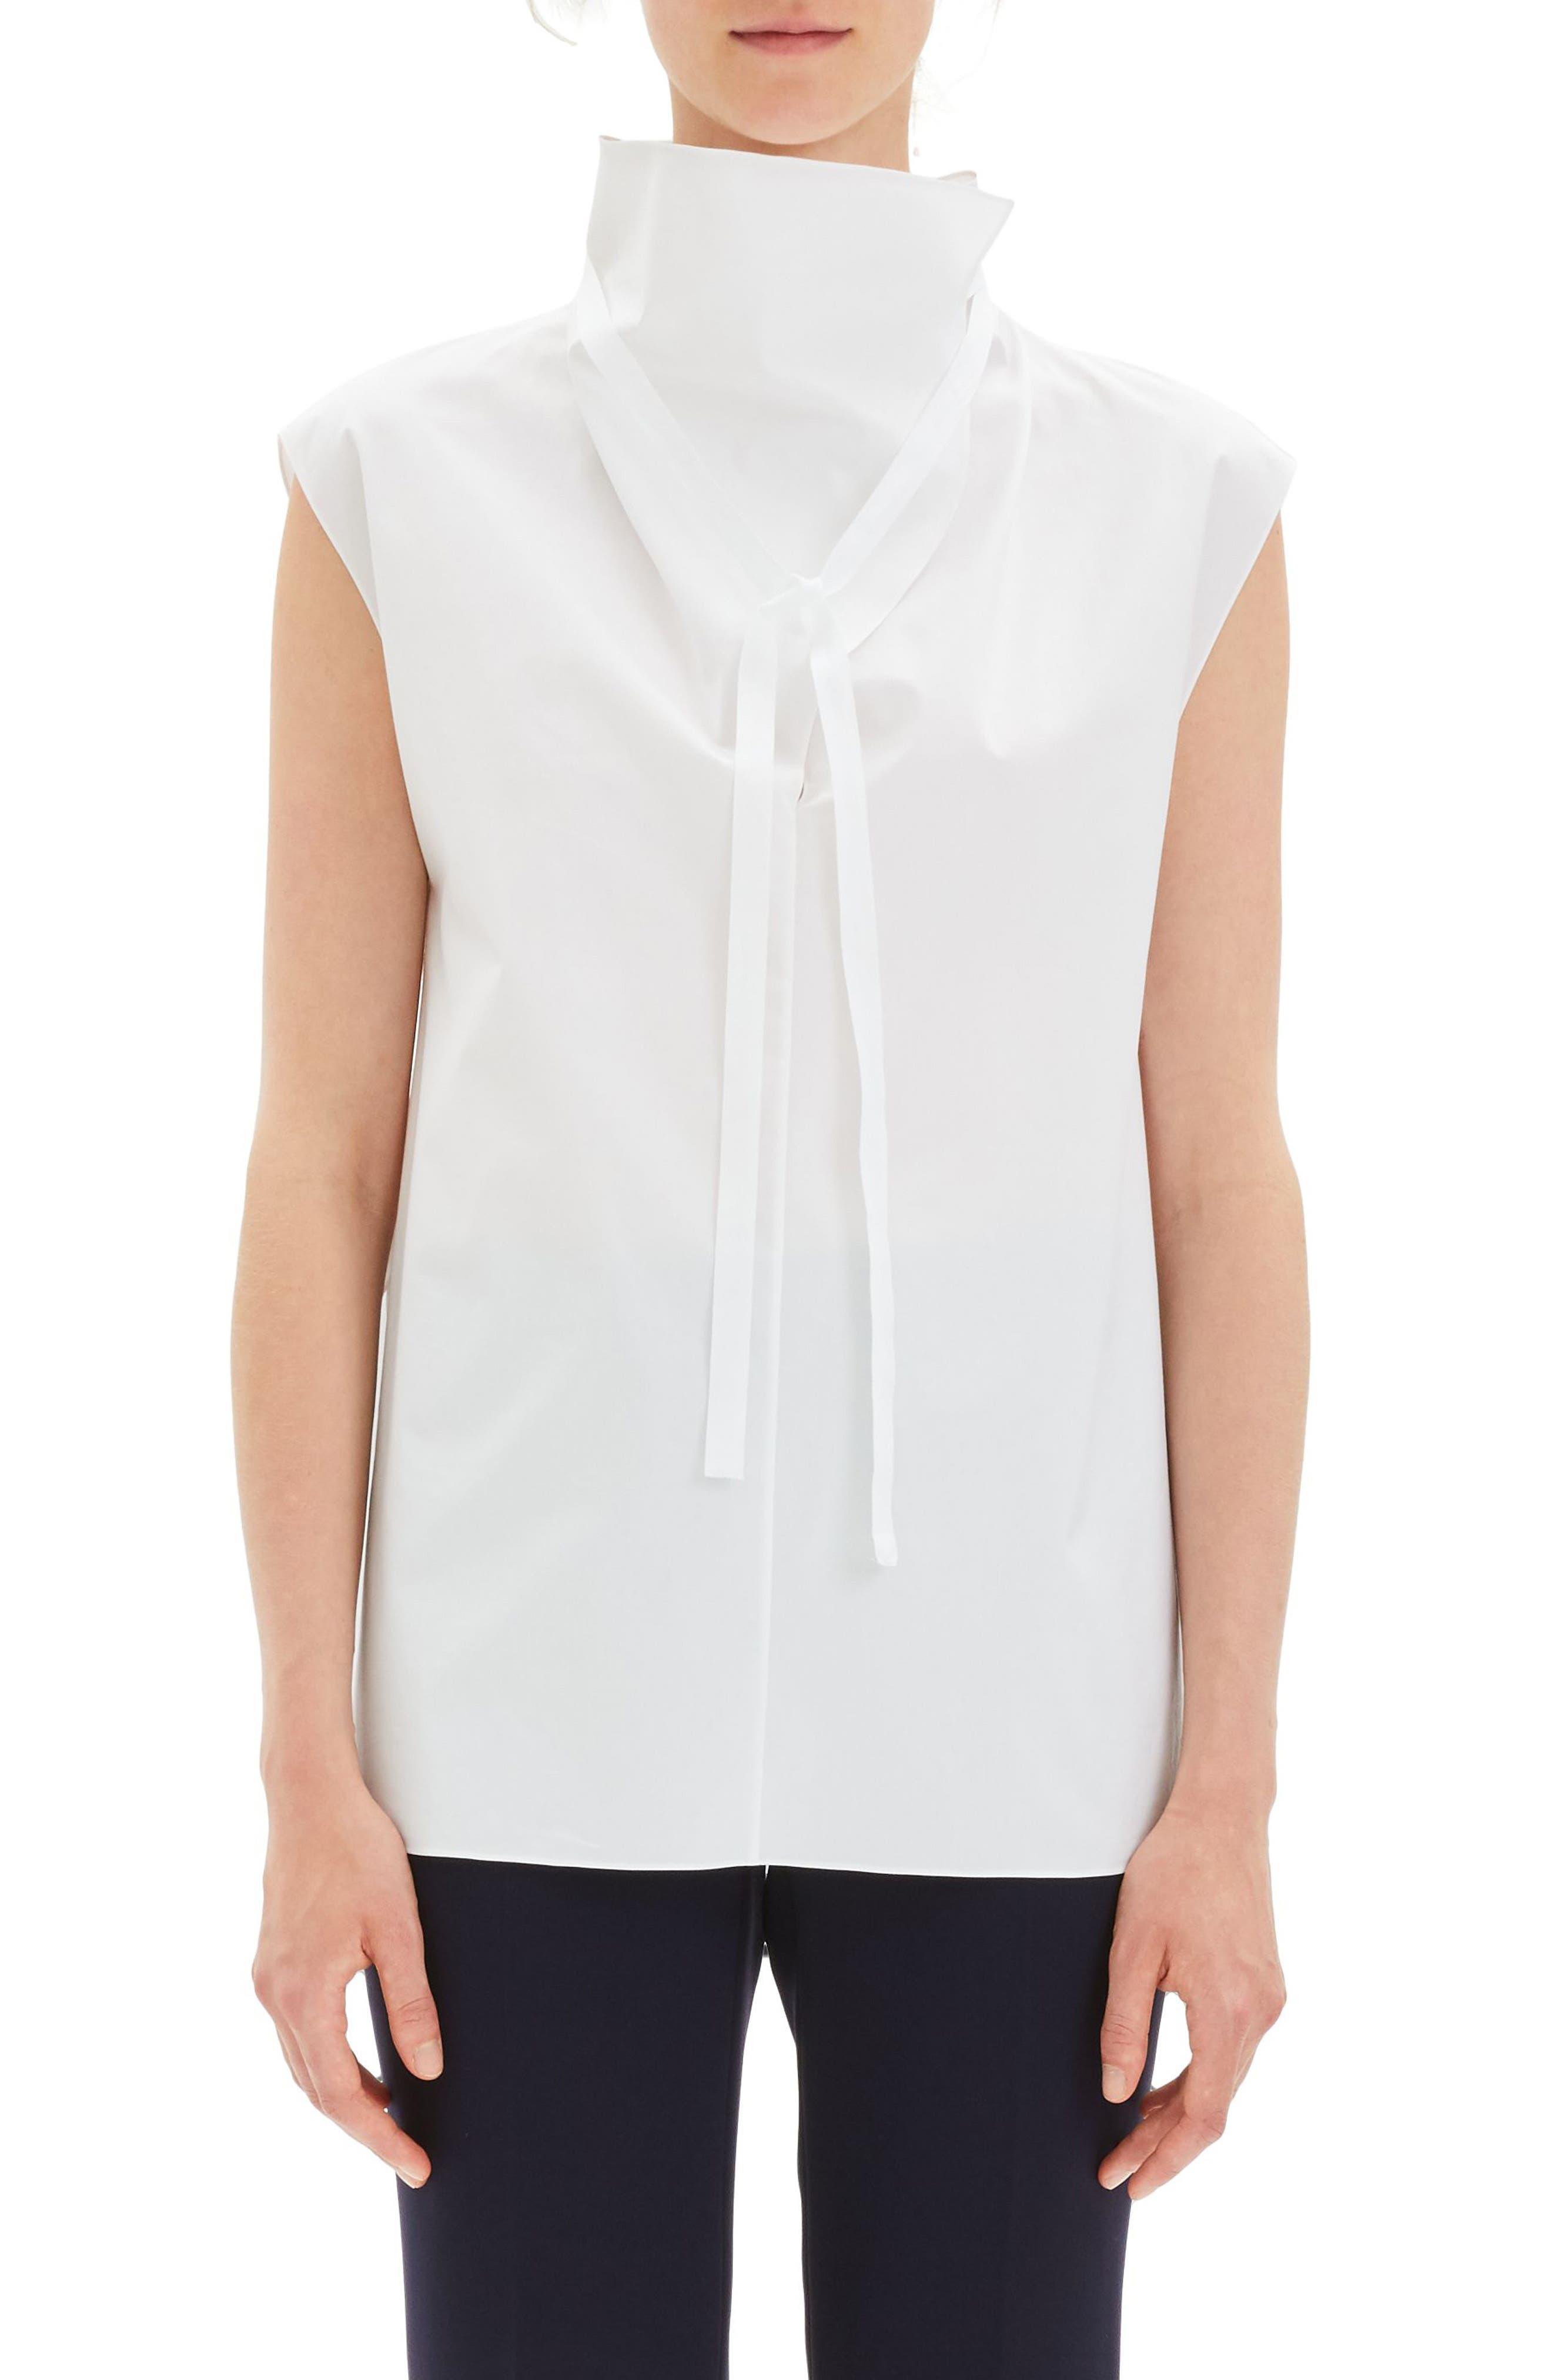 Funnel Neck Tie Top in White